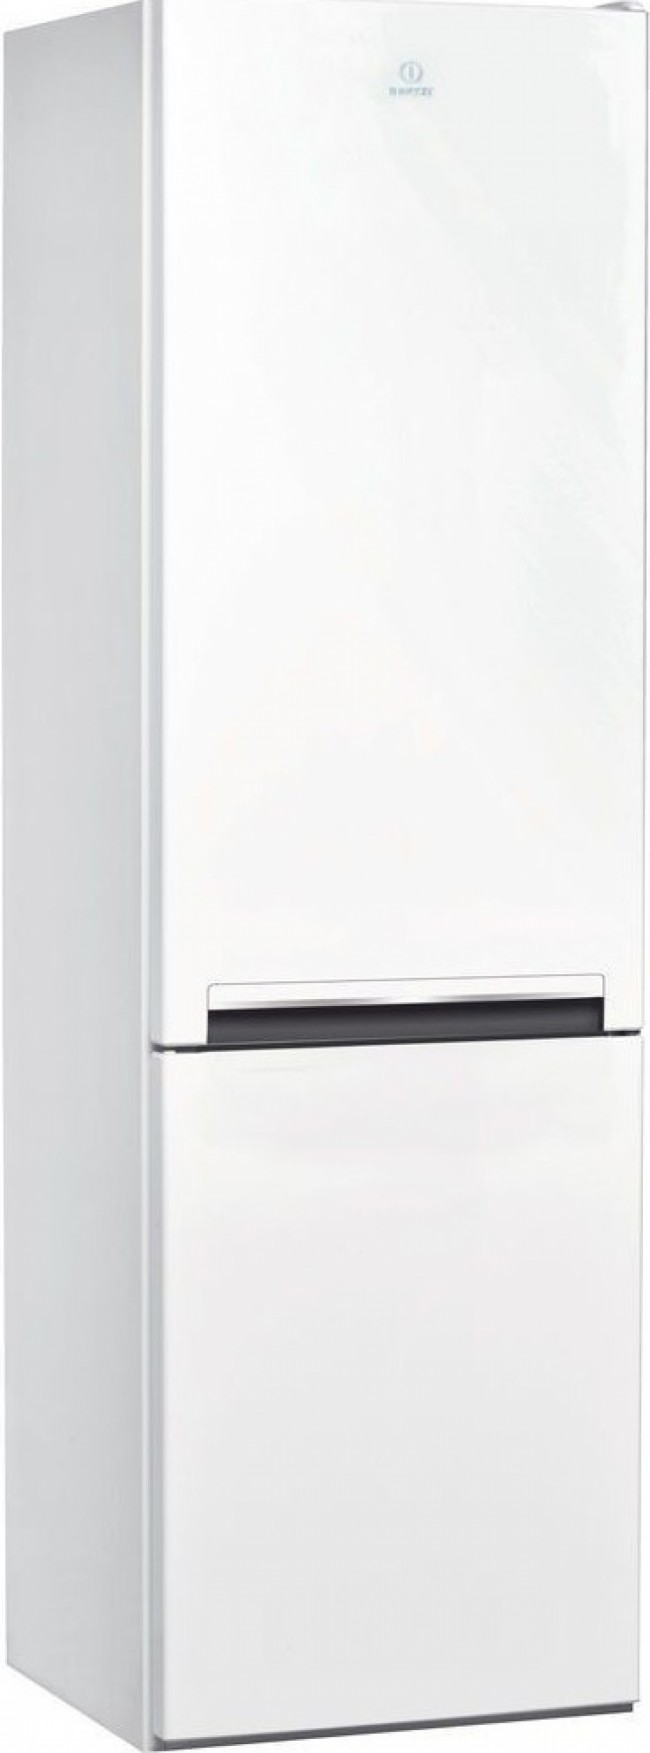 Хладилник Indesit LI8 S1 W